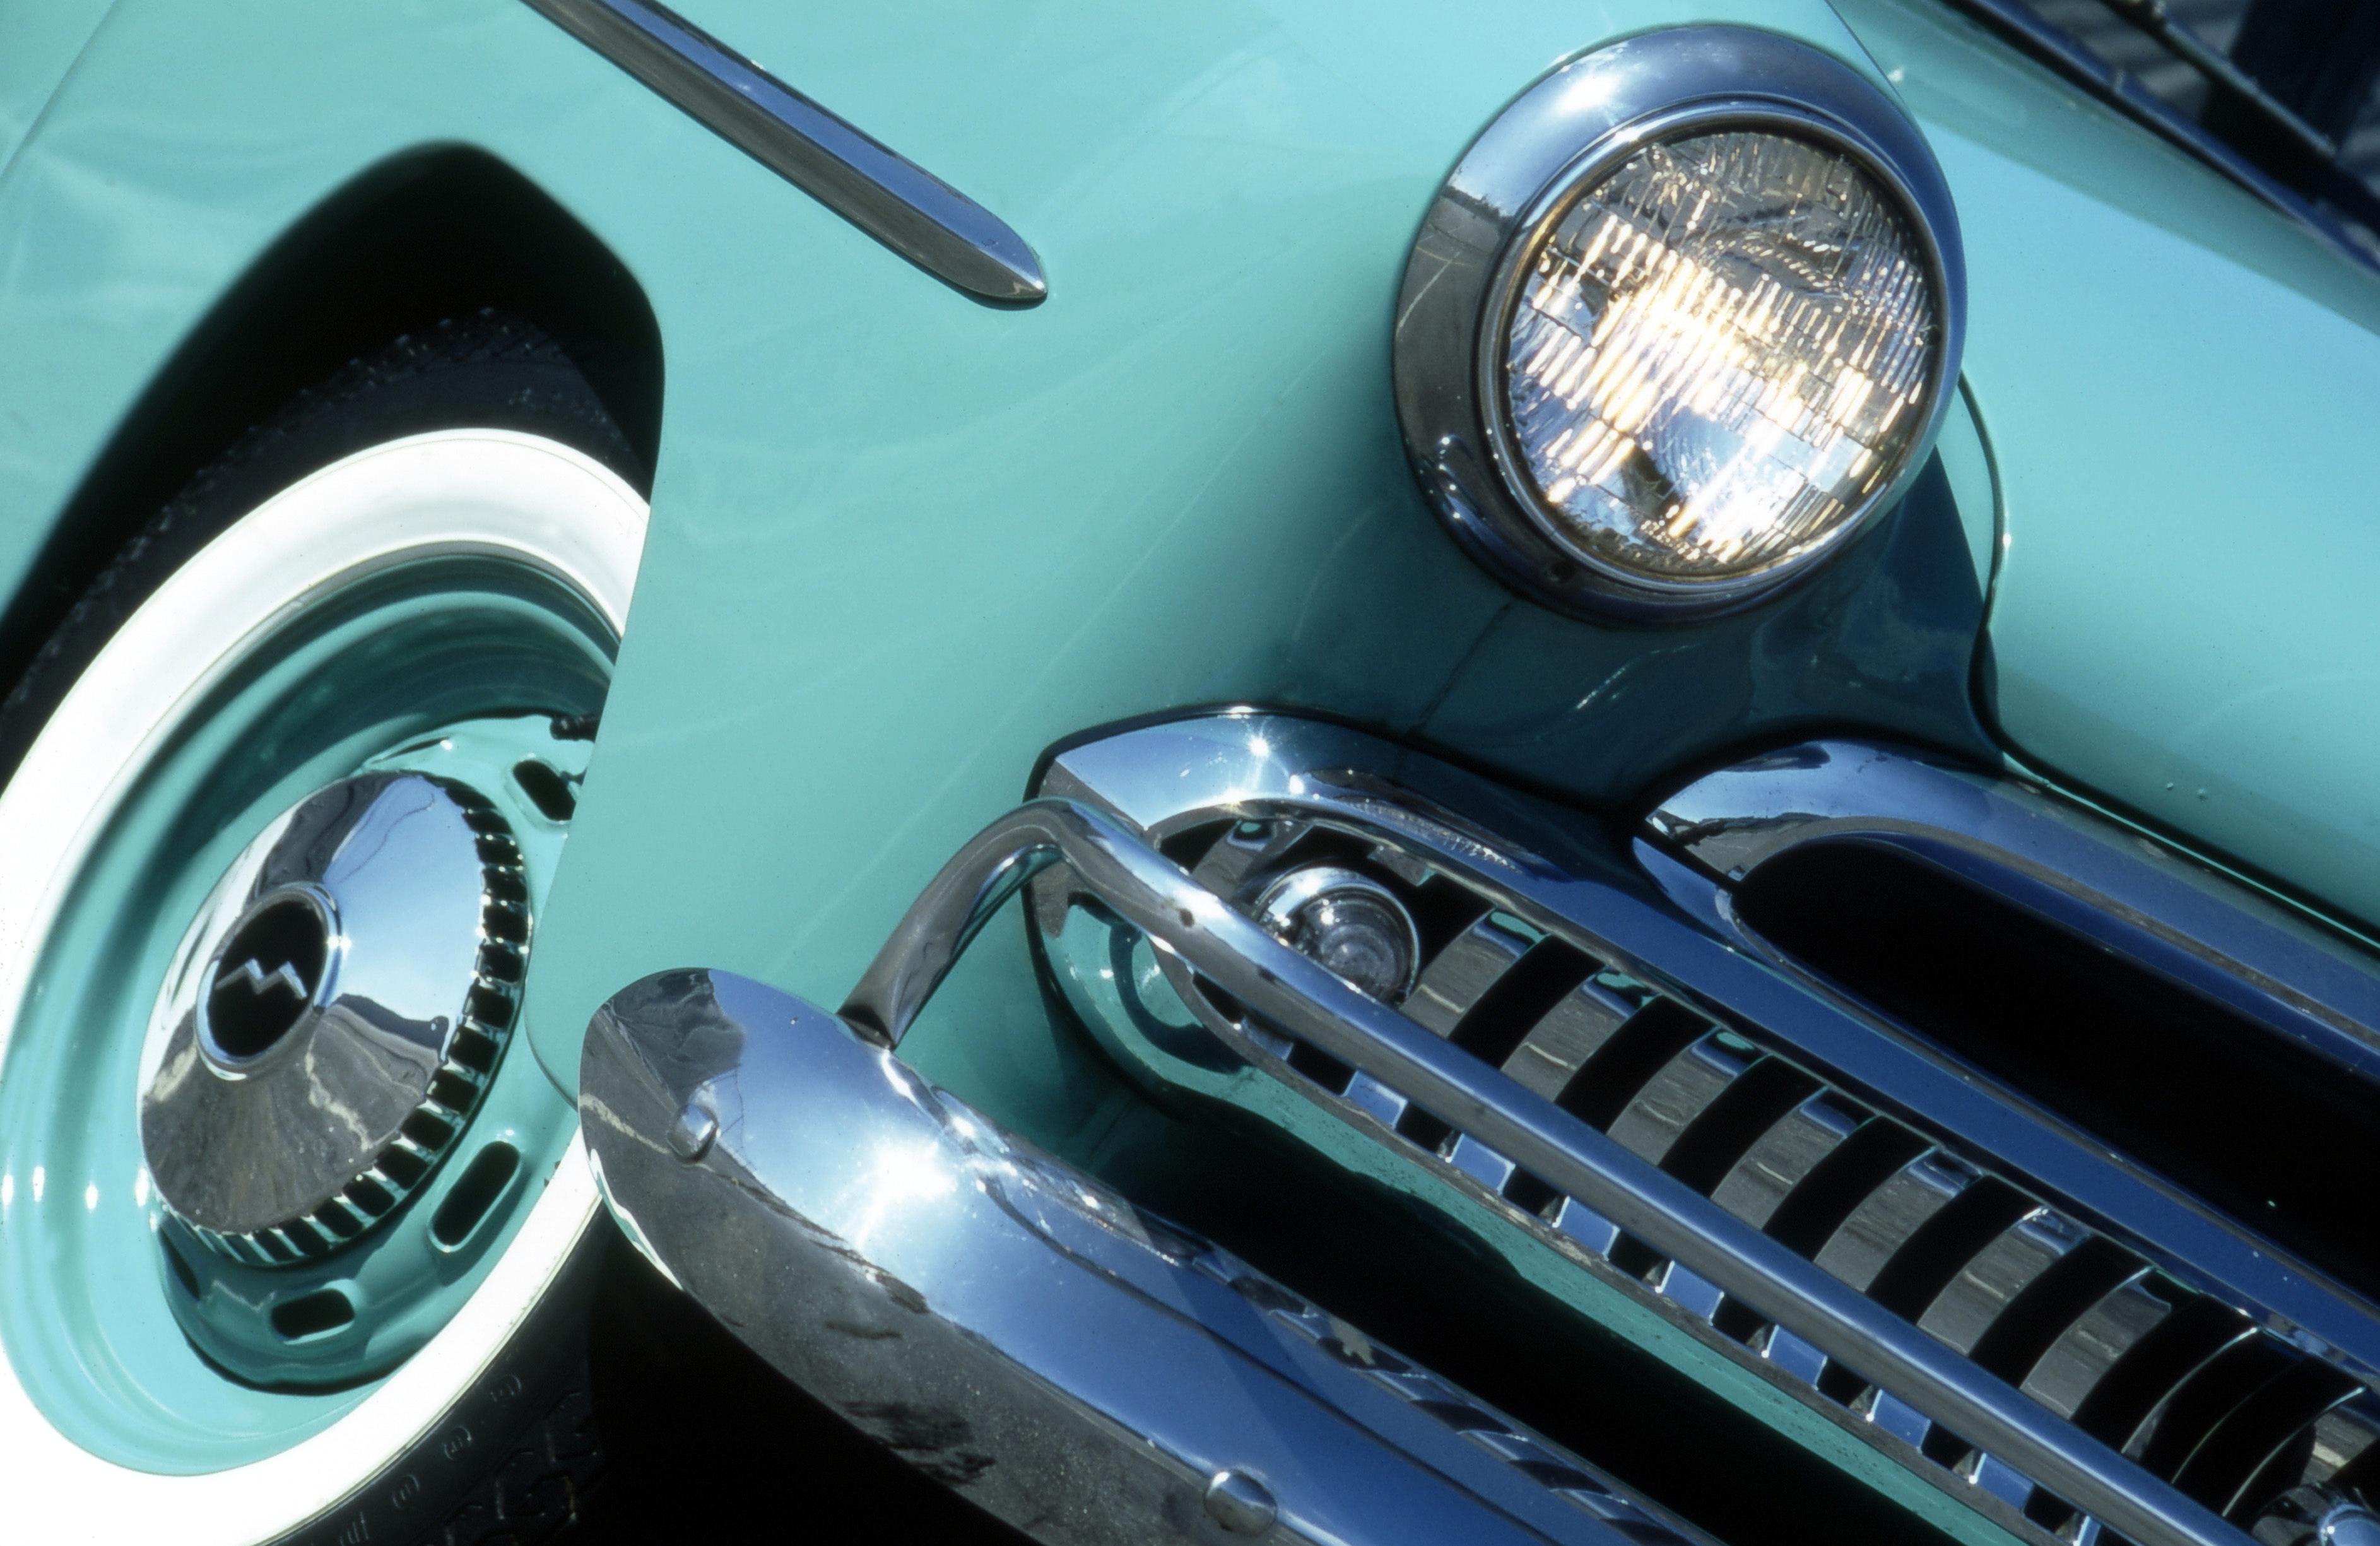 Farol do Aero Willys 2600, da década de 60, da Willys.